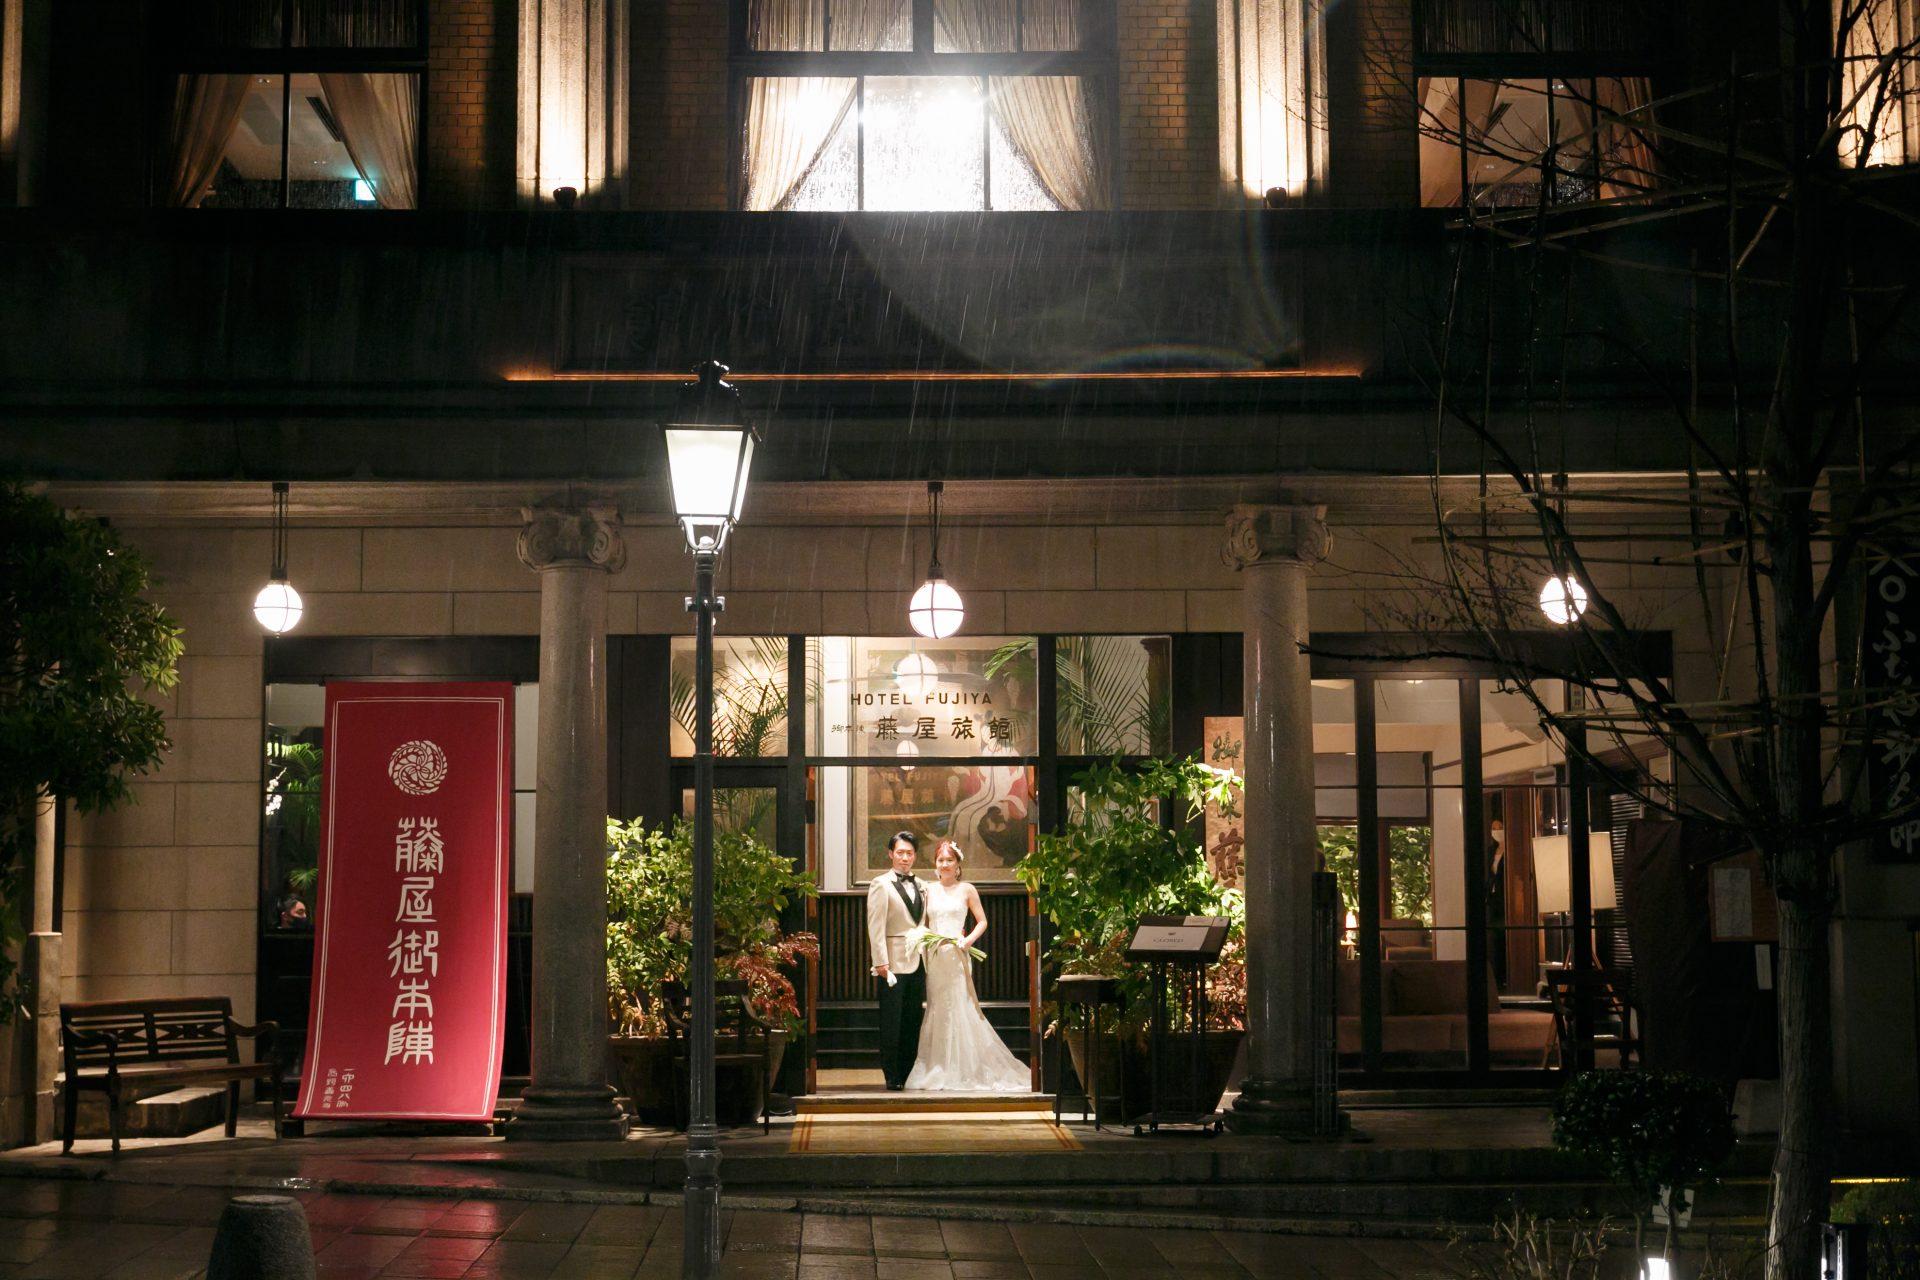 歴史的建造物である藤屋御本陳のエントランスでナイトウェディングならではのラストショットを撮影するご新郎ご新婦様